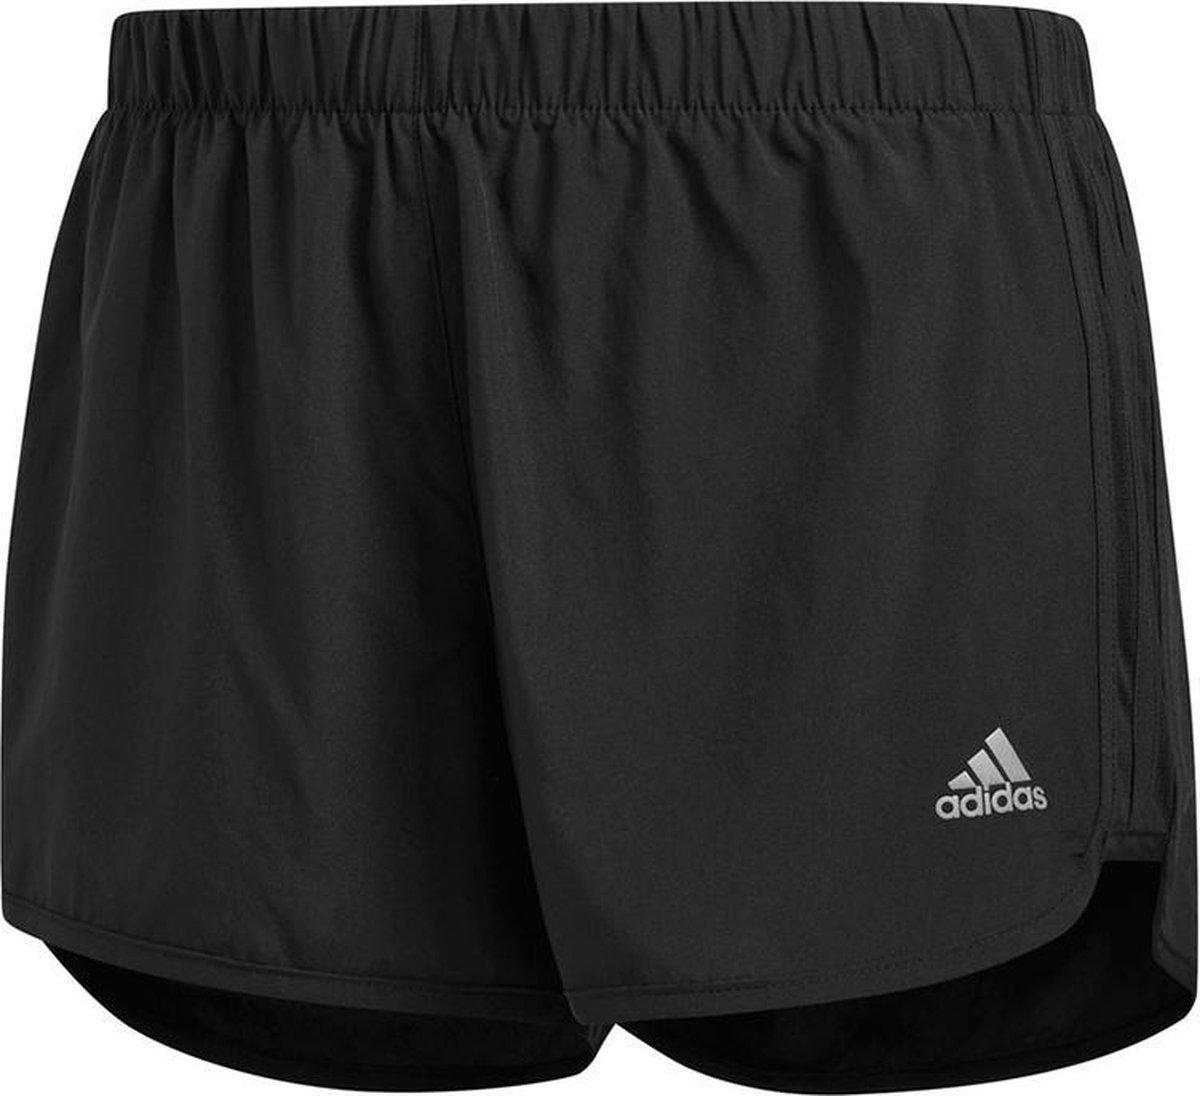 Adidas short 2 in 1 Gym black dames